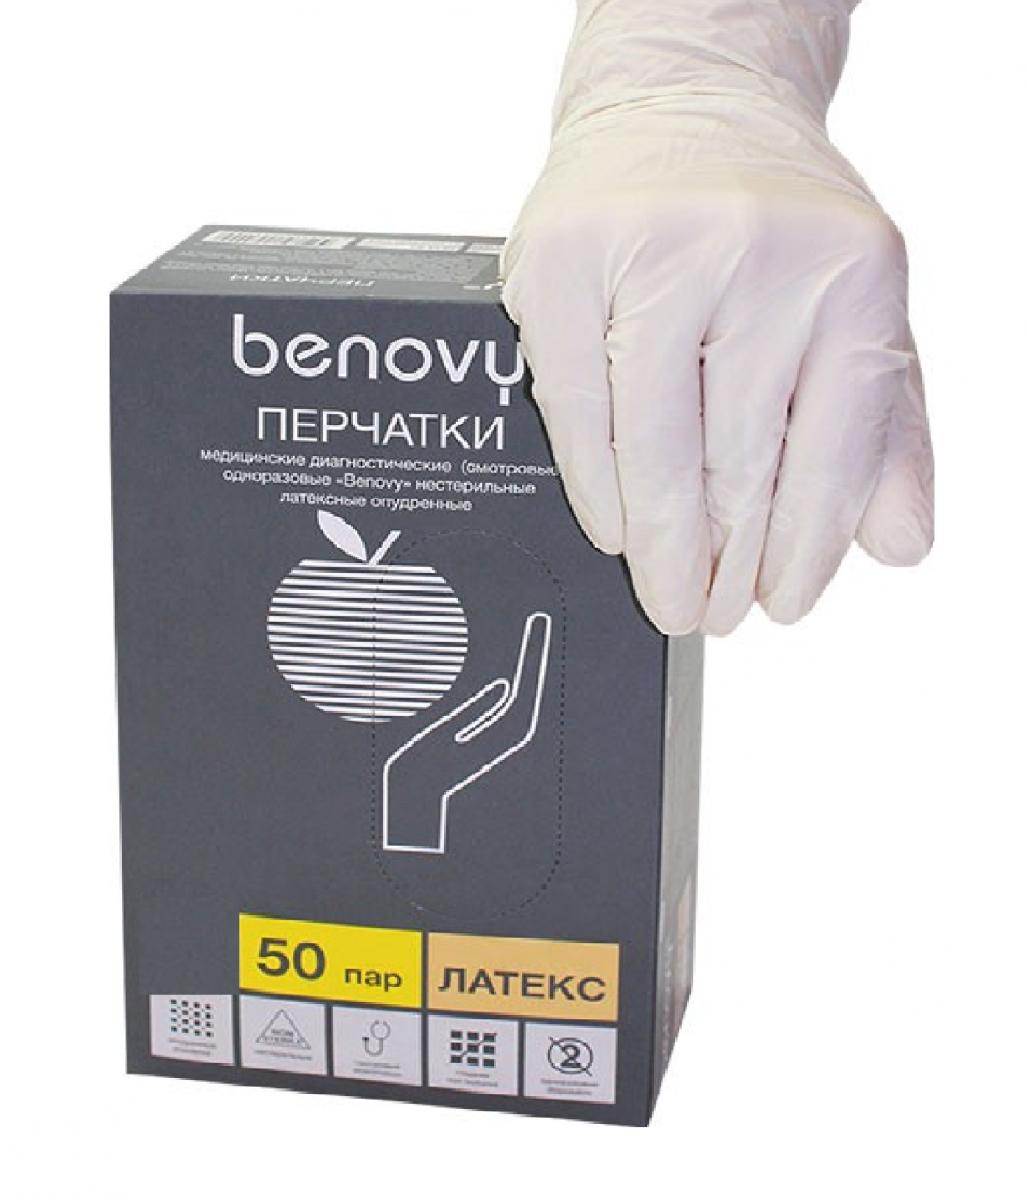 Перчатки латексные опудренные (L), 100 шт/упак, (Benovy)